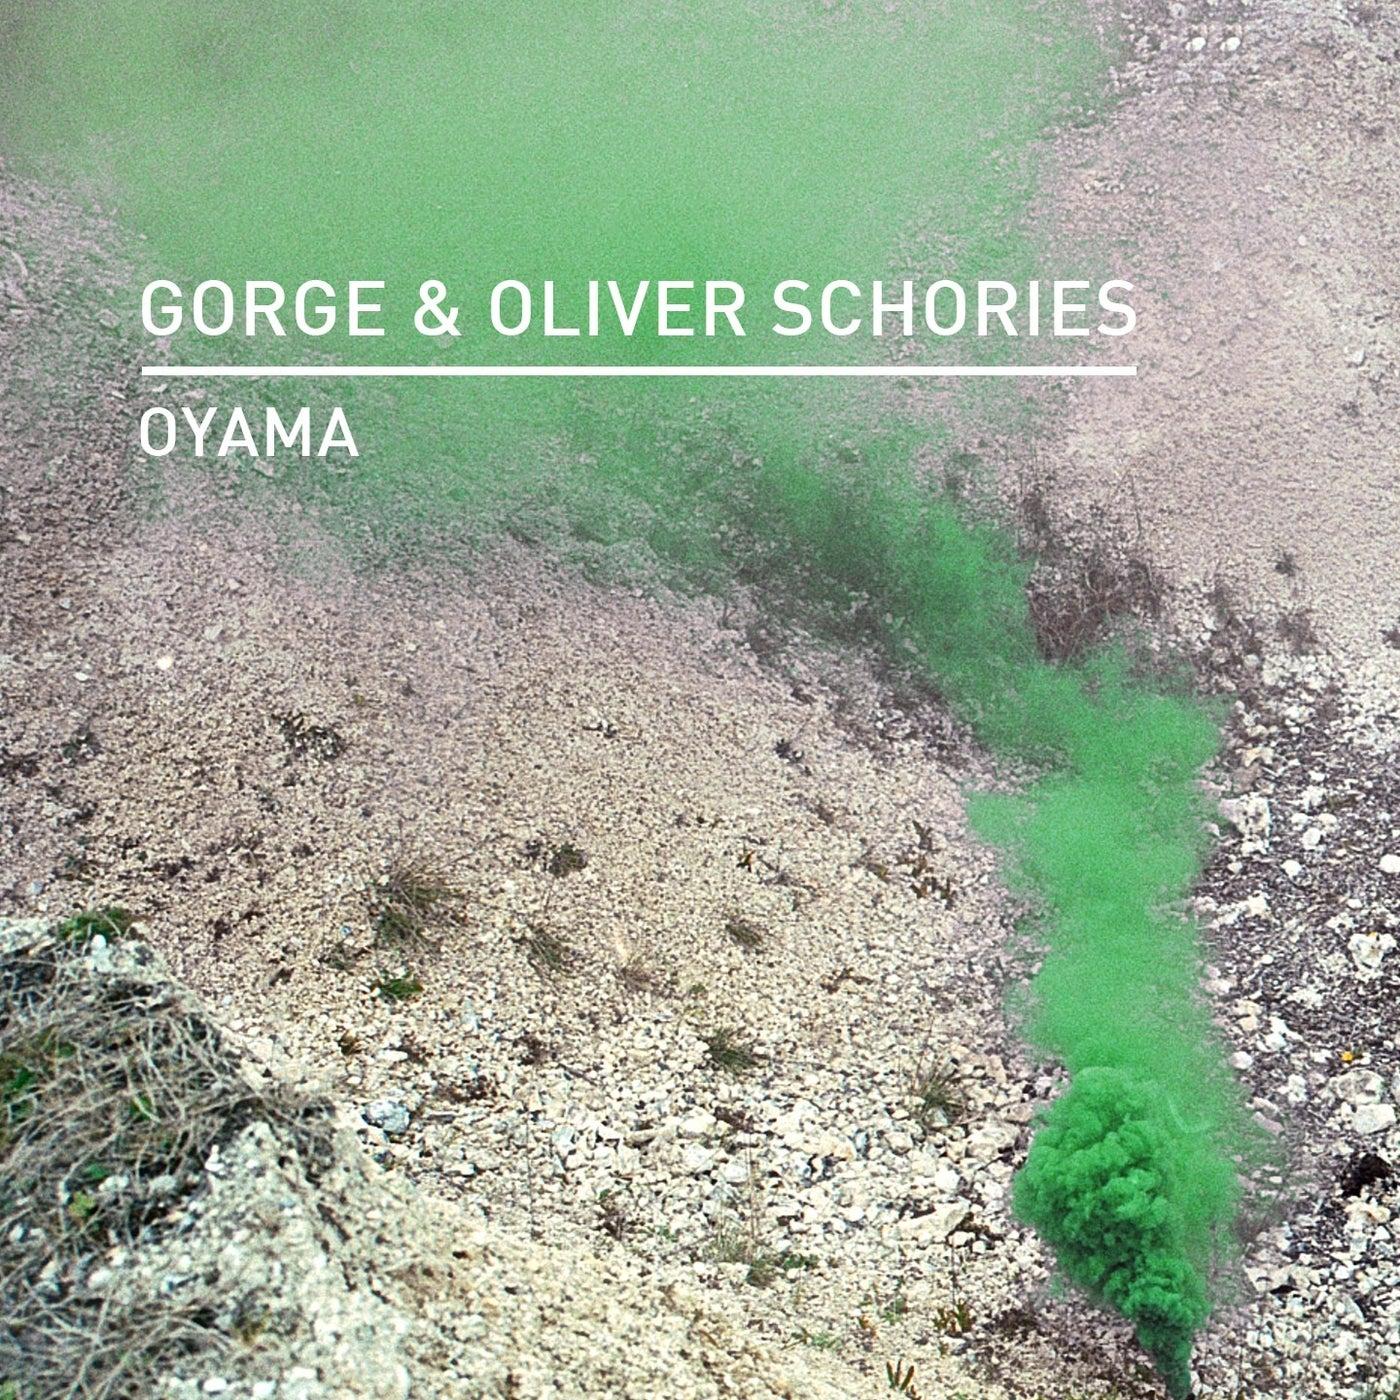 Download Oyama on Electrobuzz